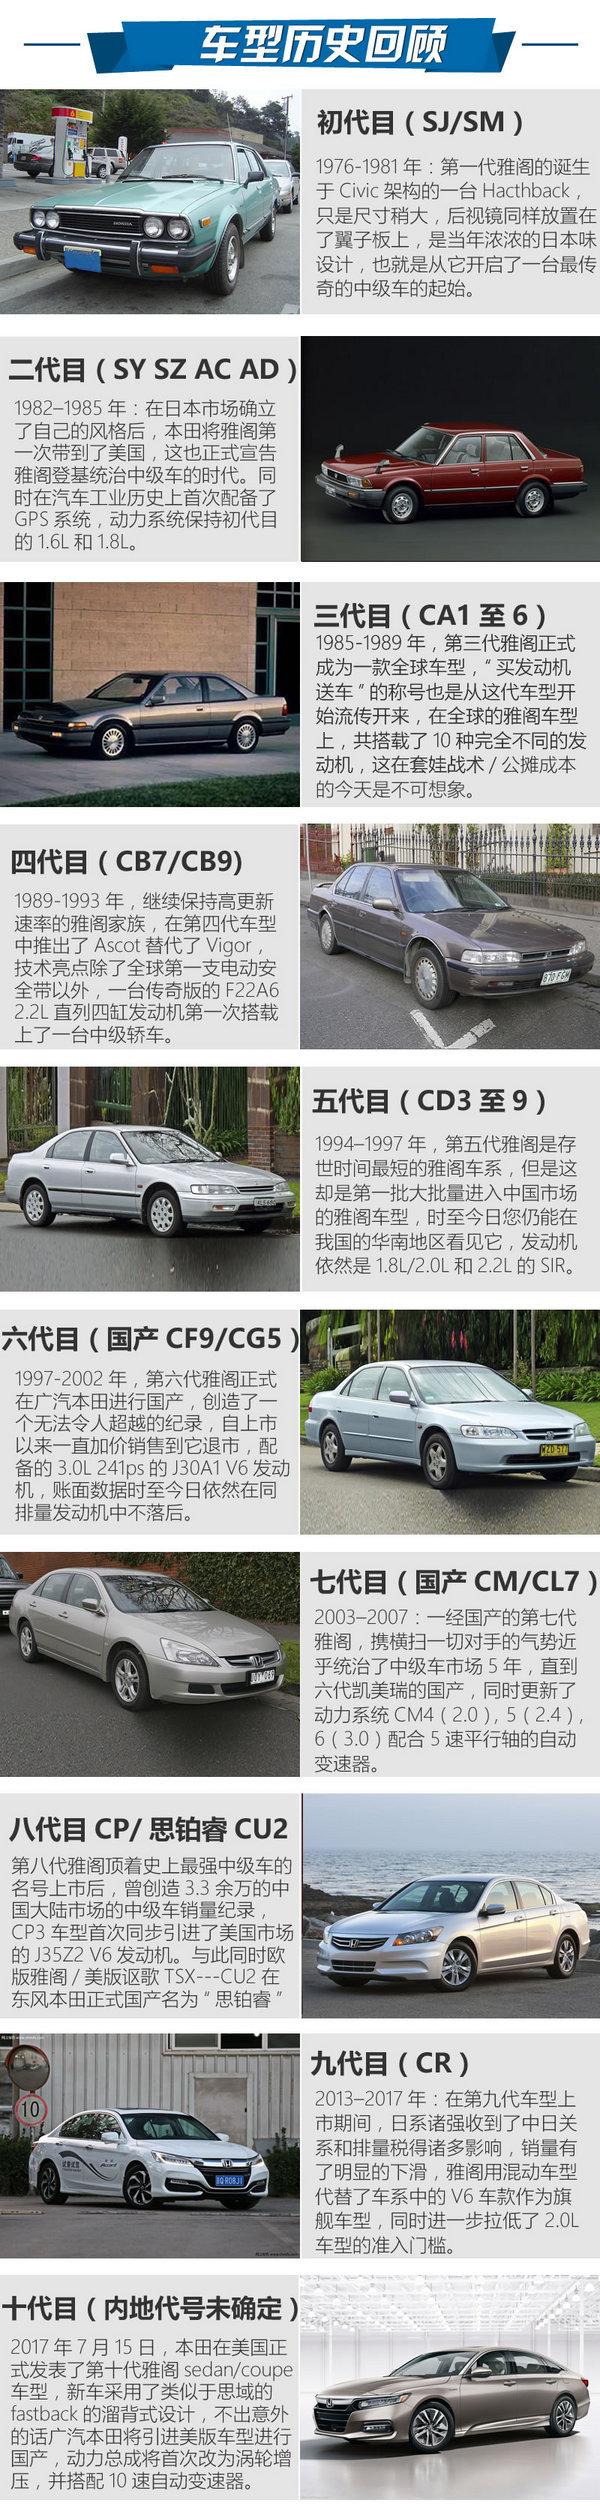 三巨头换新装 值得期待的三款日系中级新车-图3